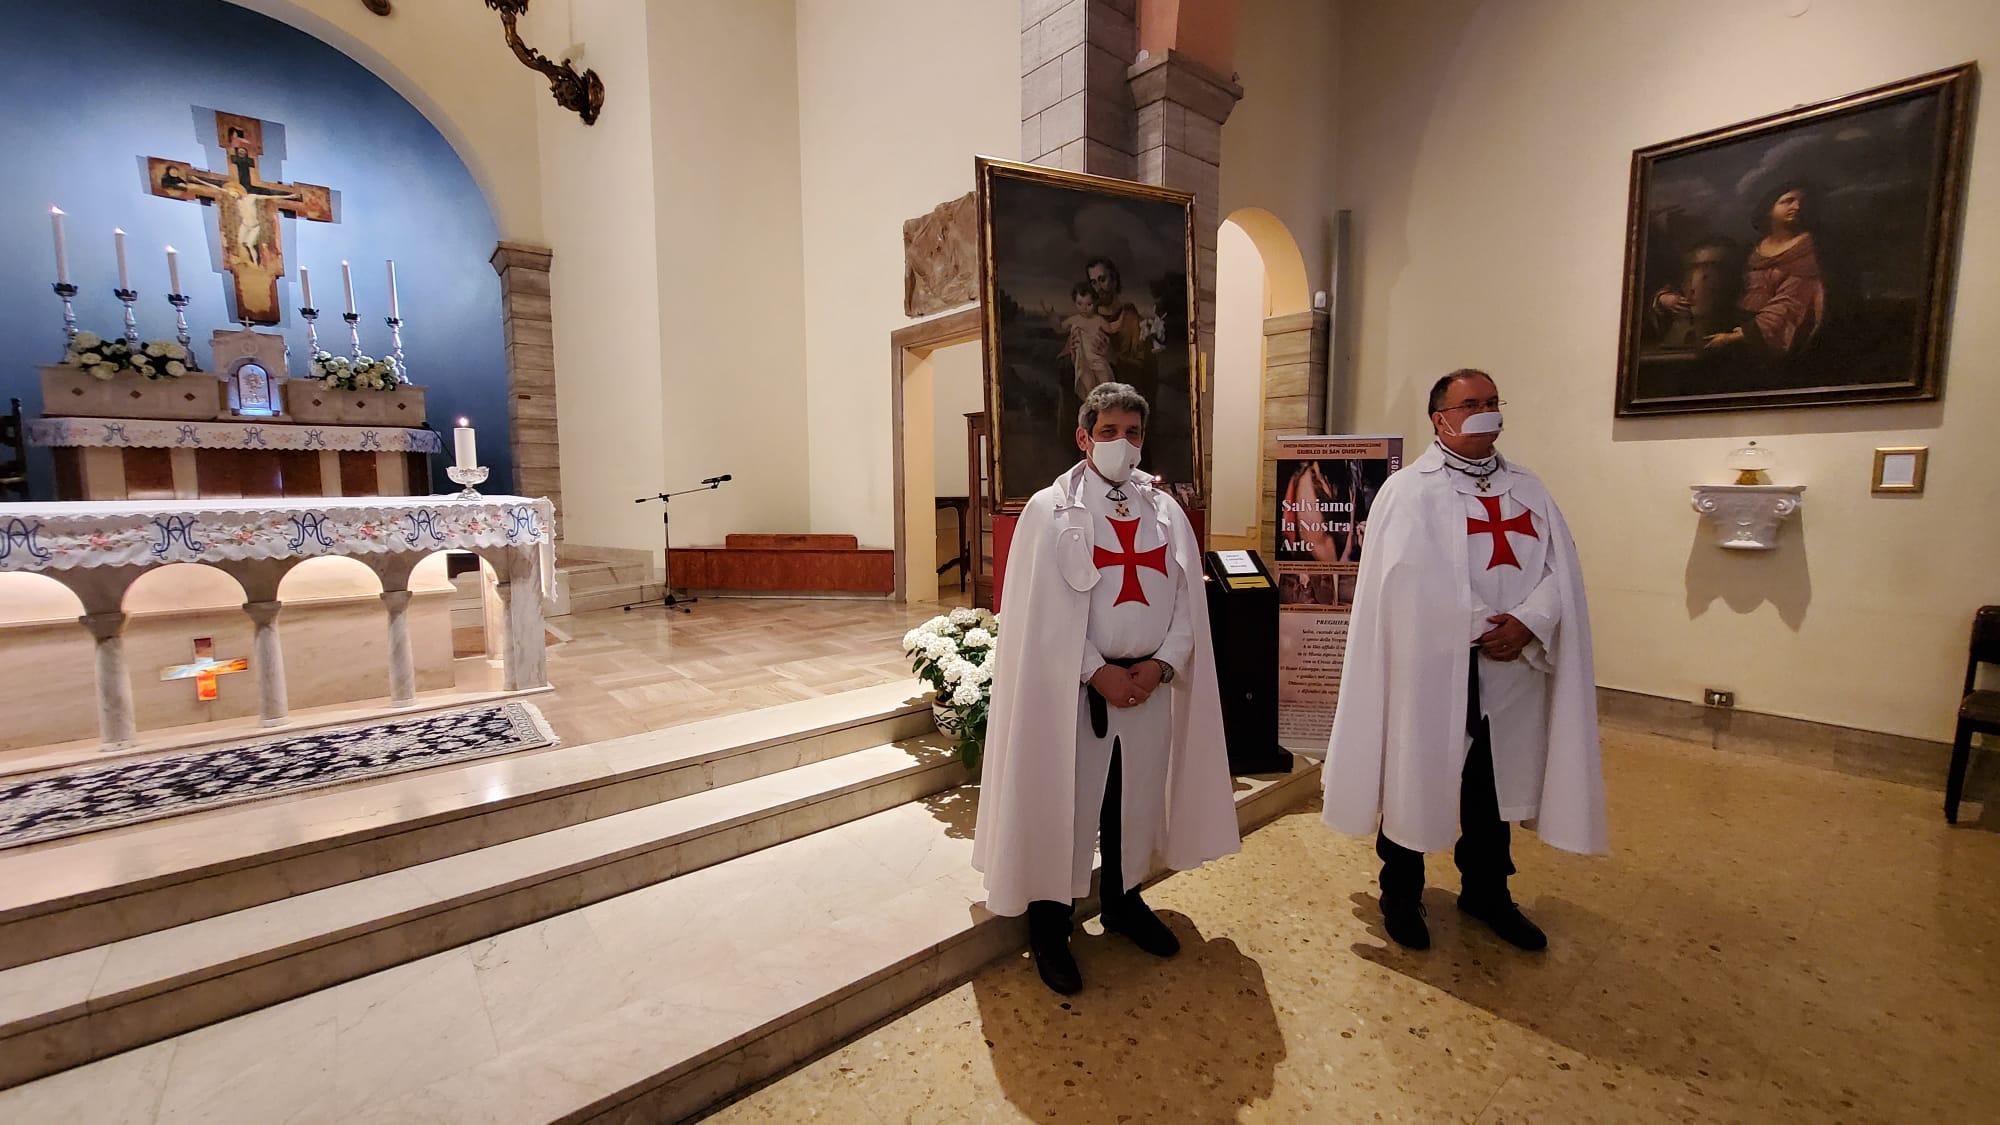 Partecipazione Santa Messa – Chiesa dell'Immacolata – Misano Adriatico (RN) – 02.05.2021